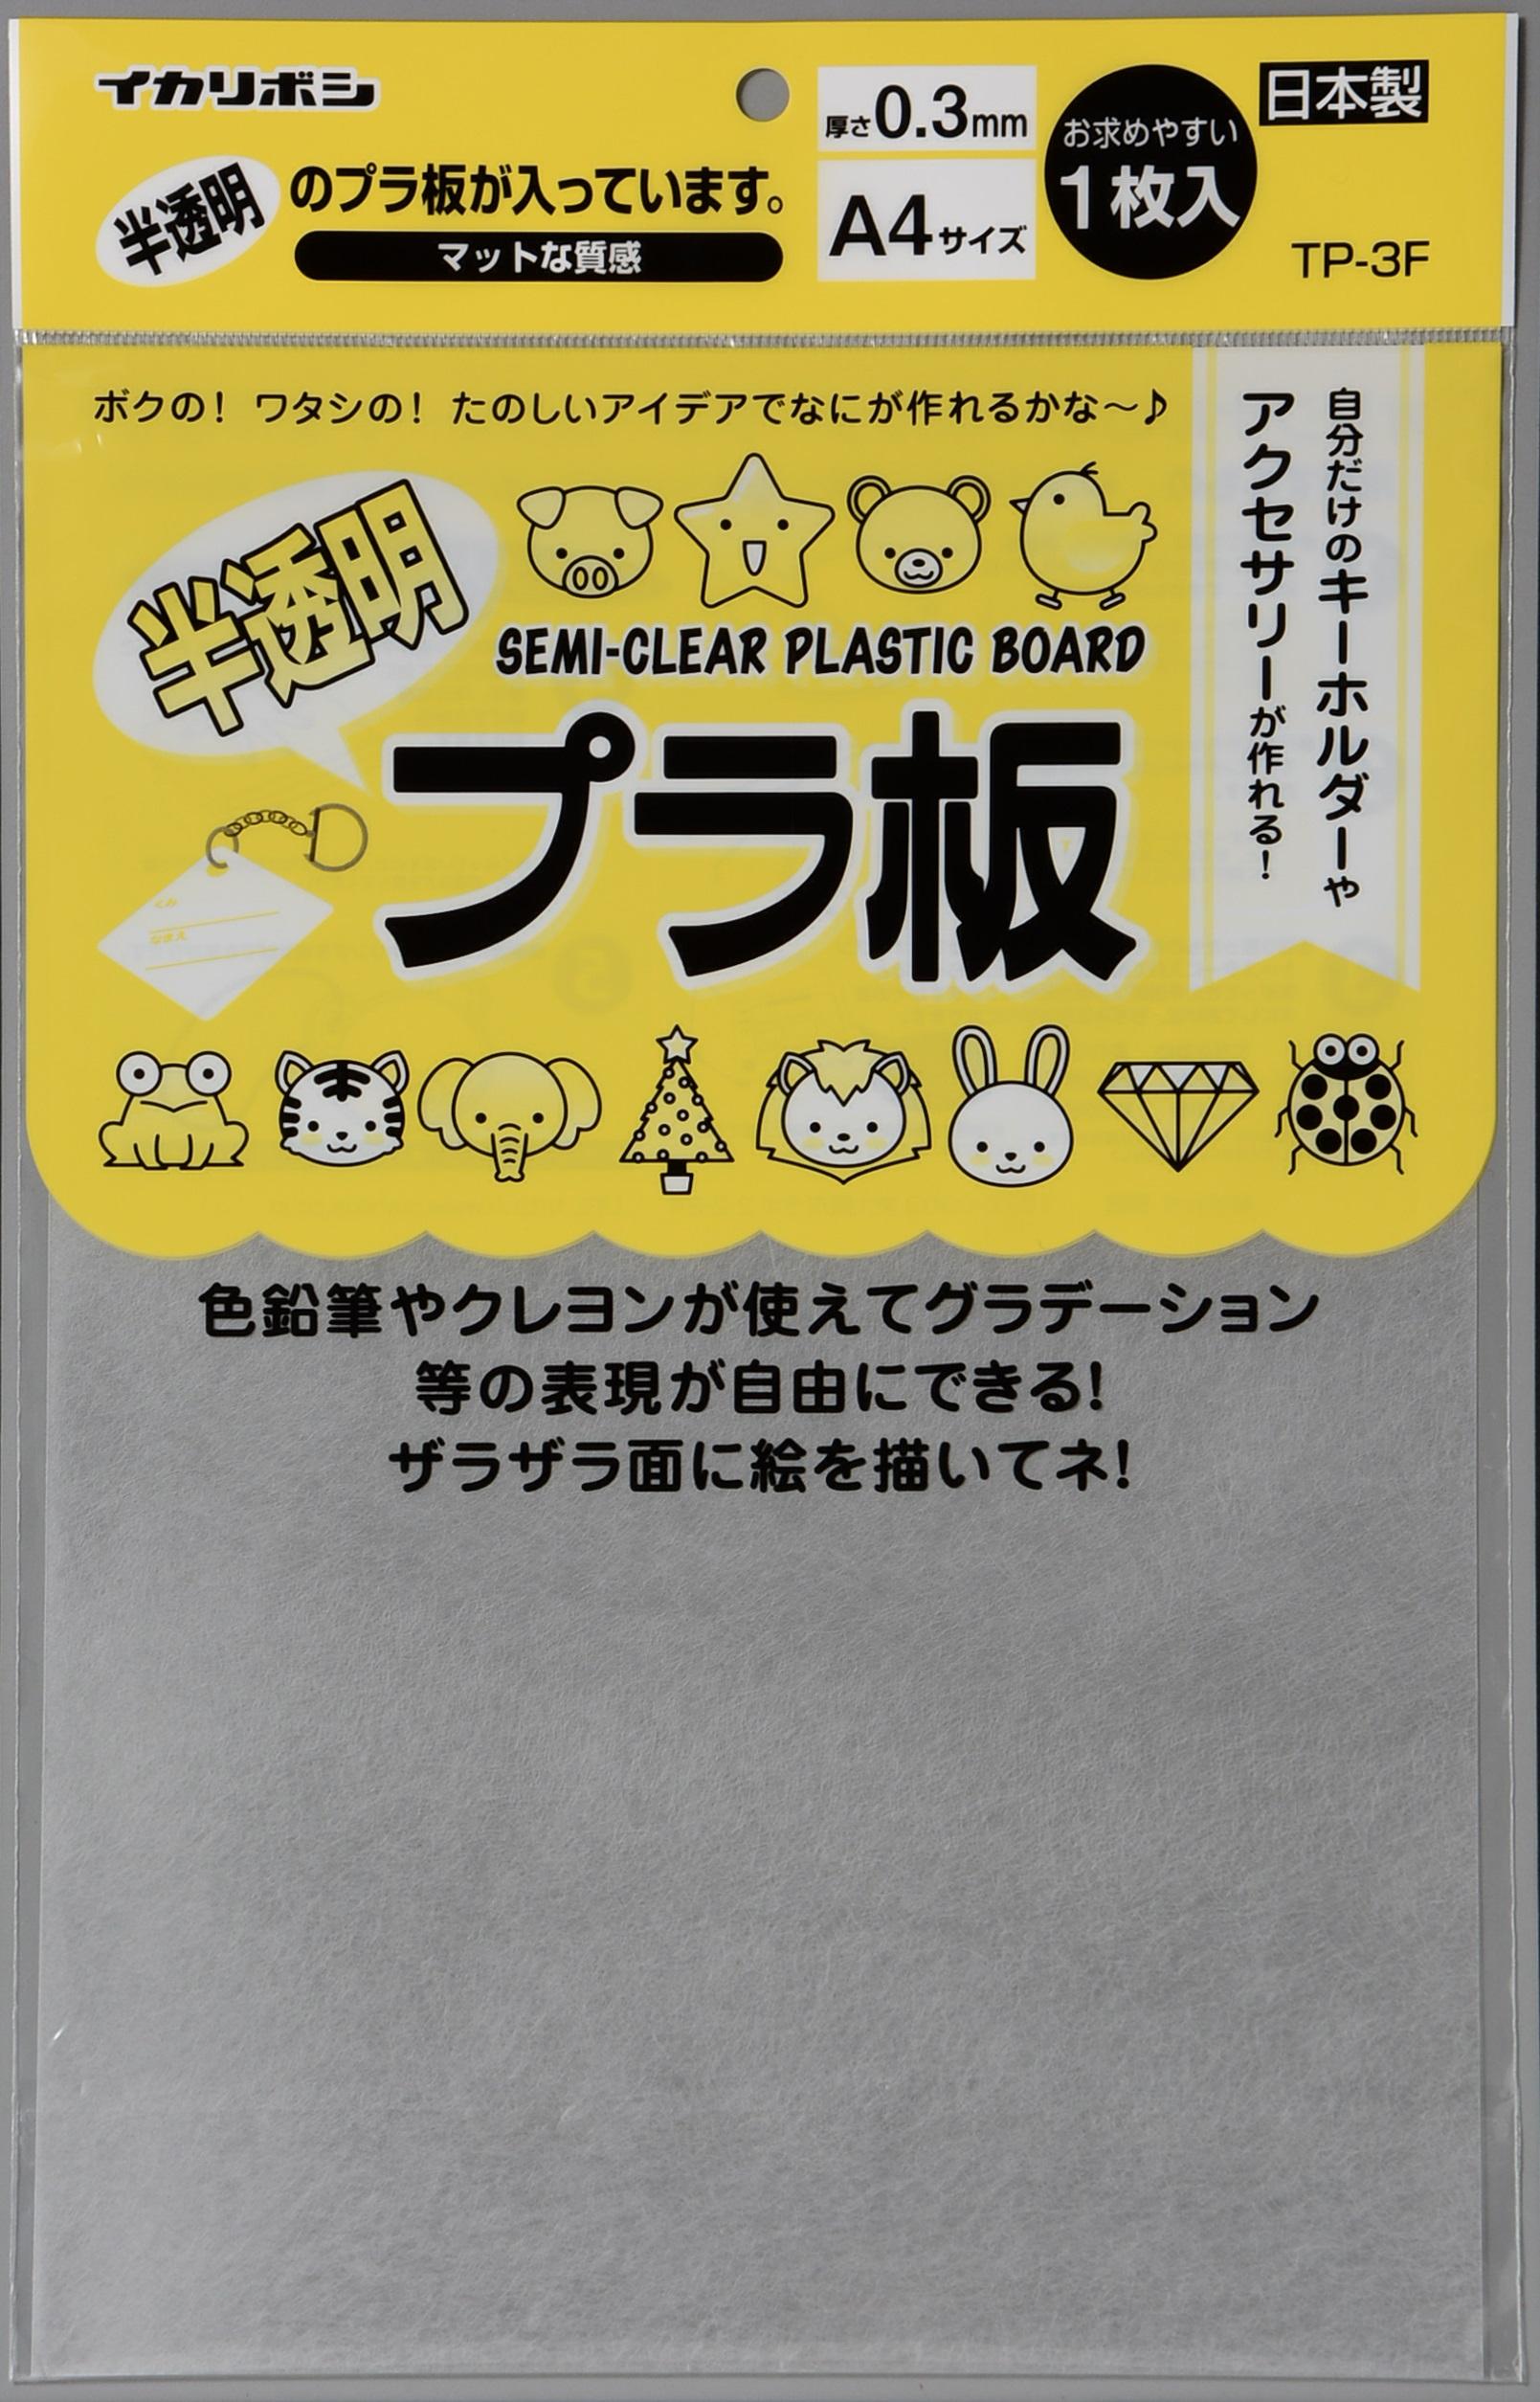 http://www.nishikei.co.jp/new_products/TP3F.jpg